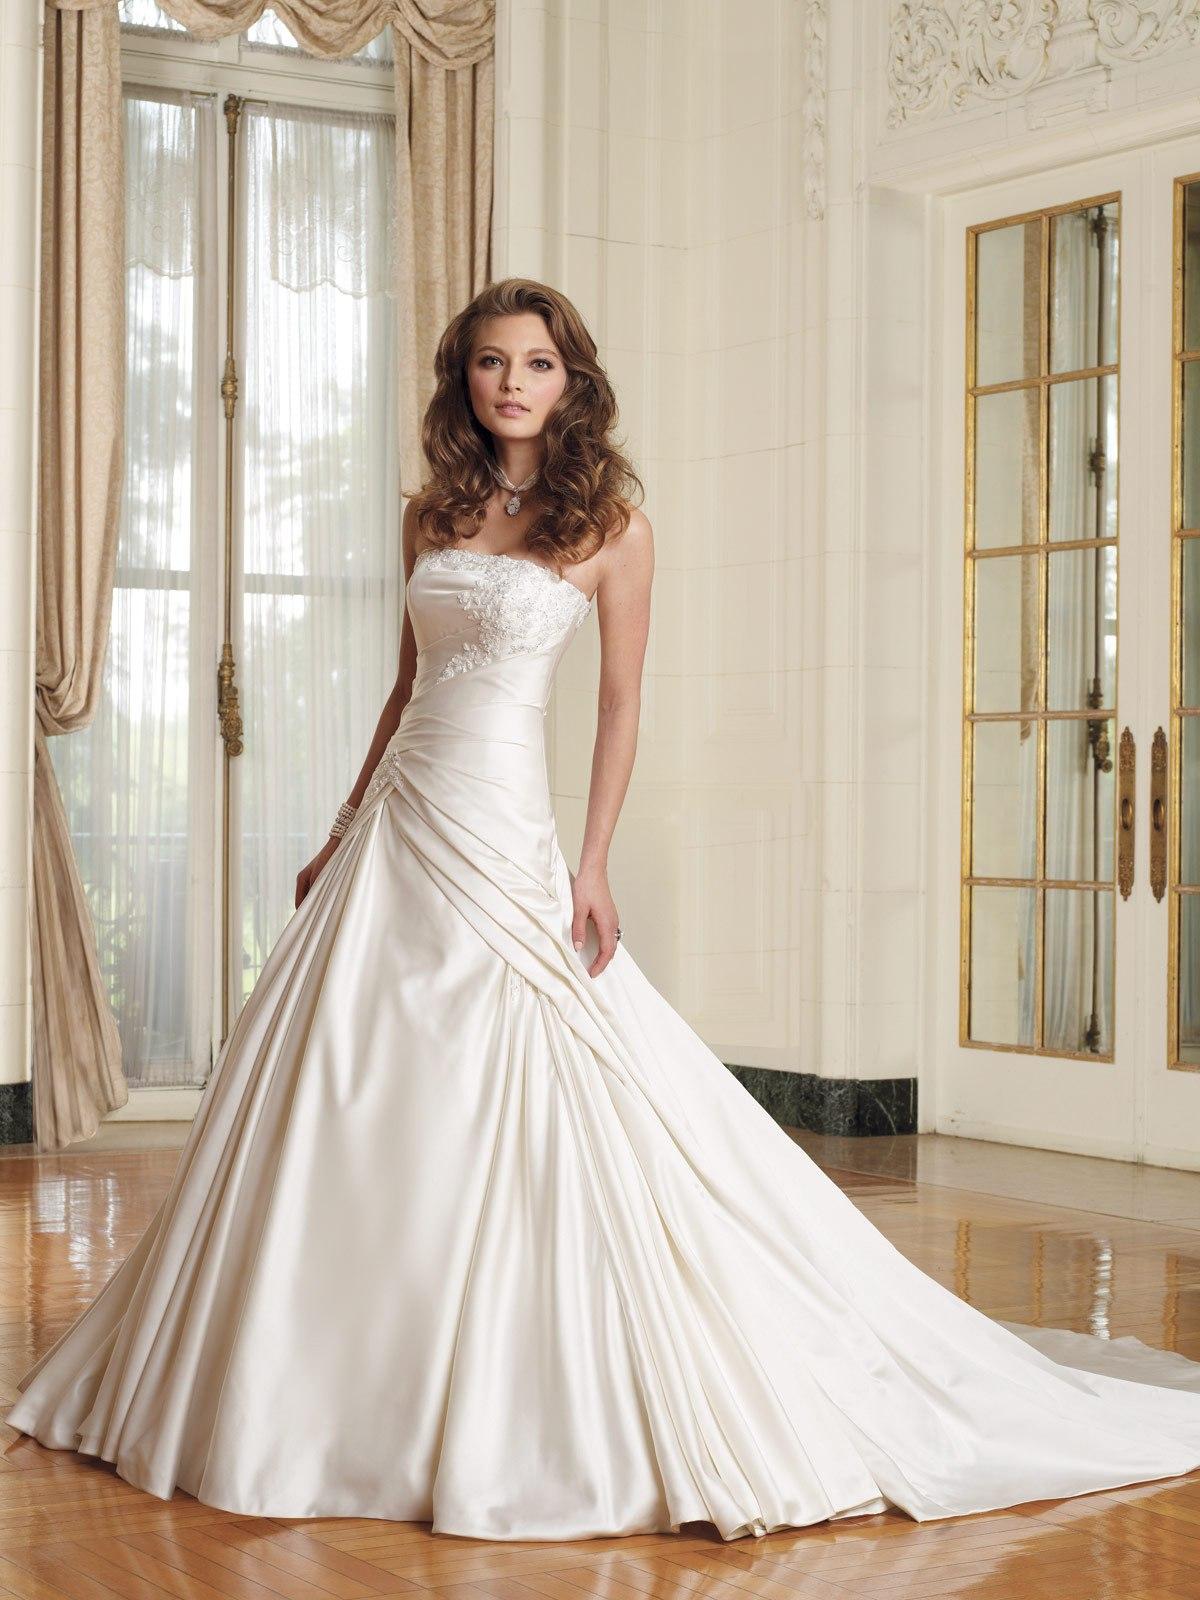 Buscar vestidos de novia elegantes